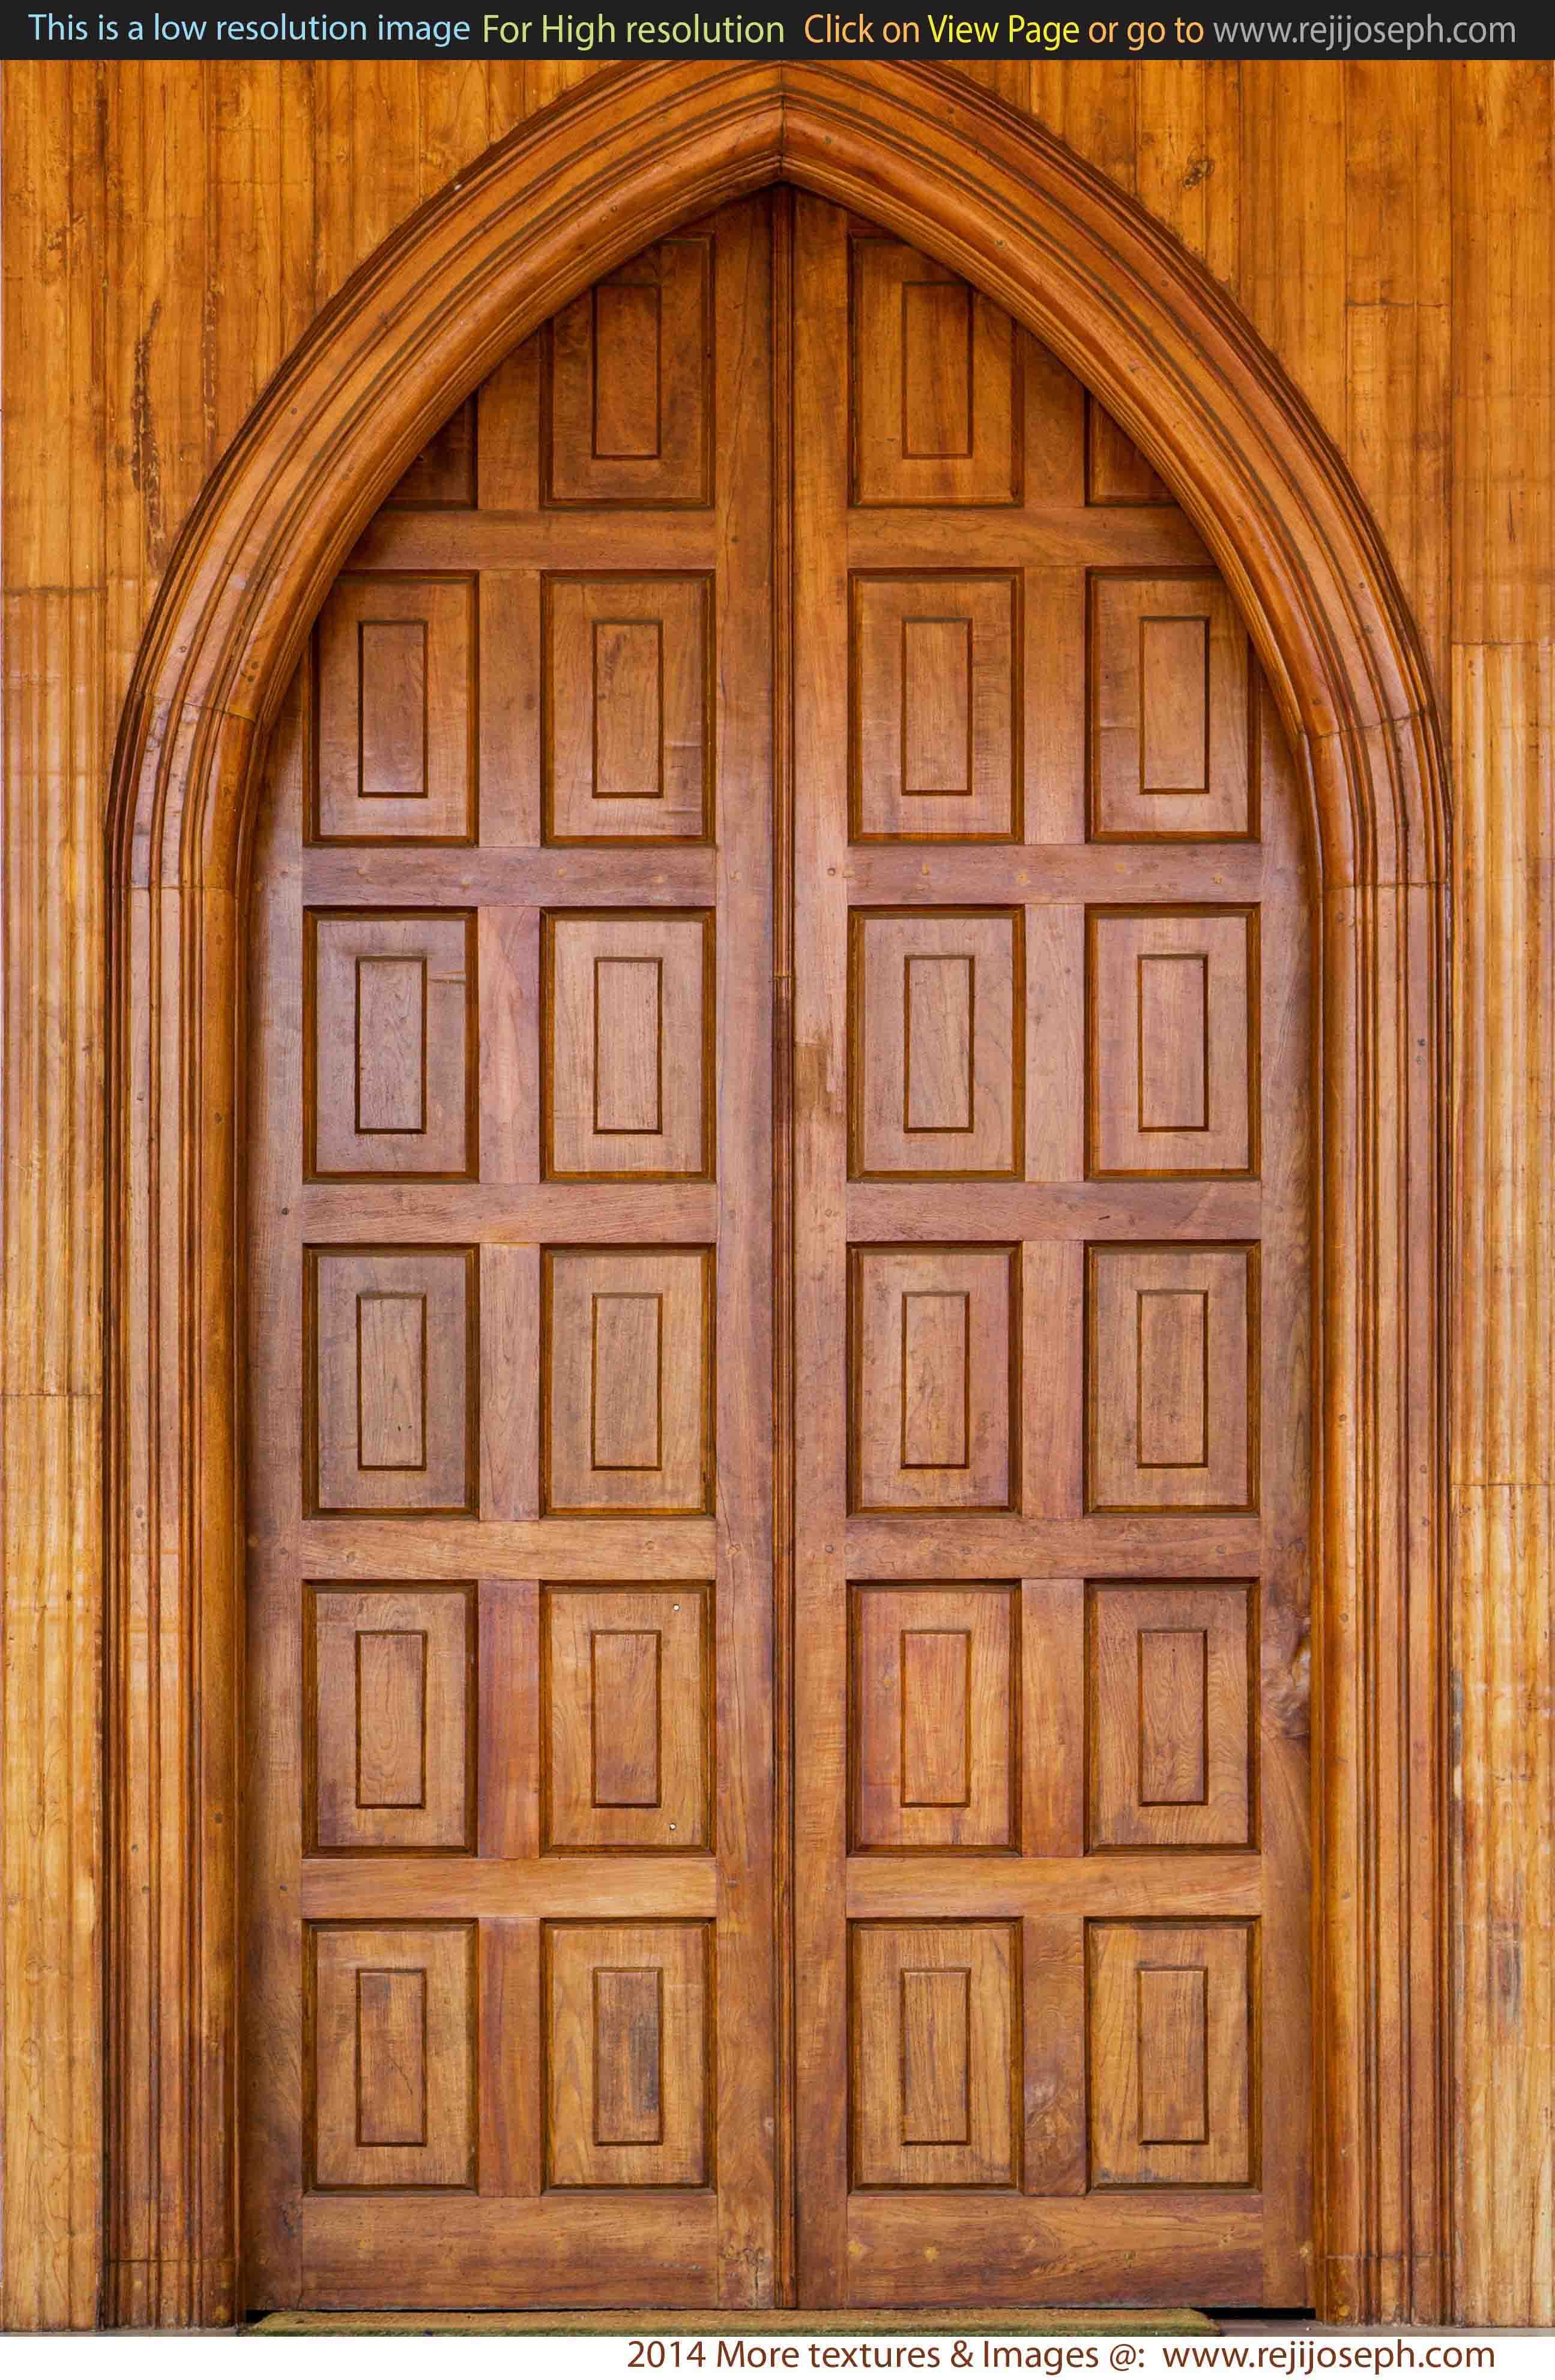 Wooden door texture 00006